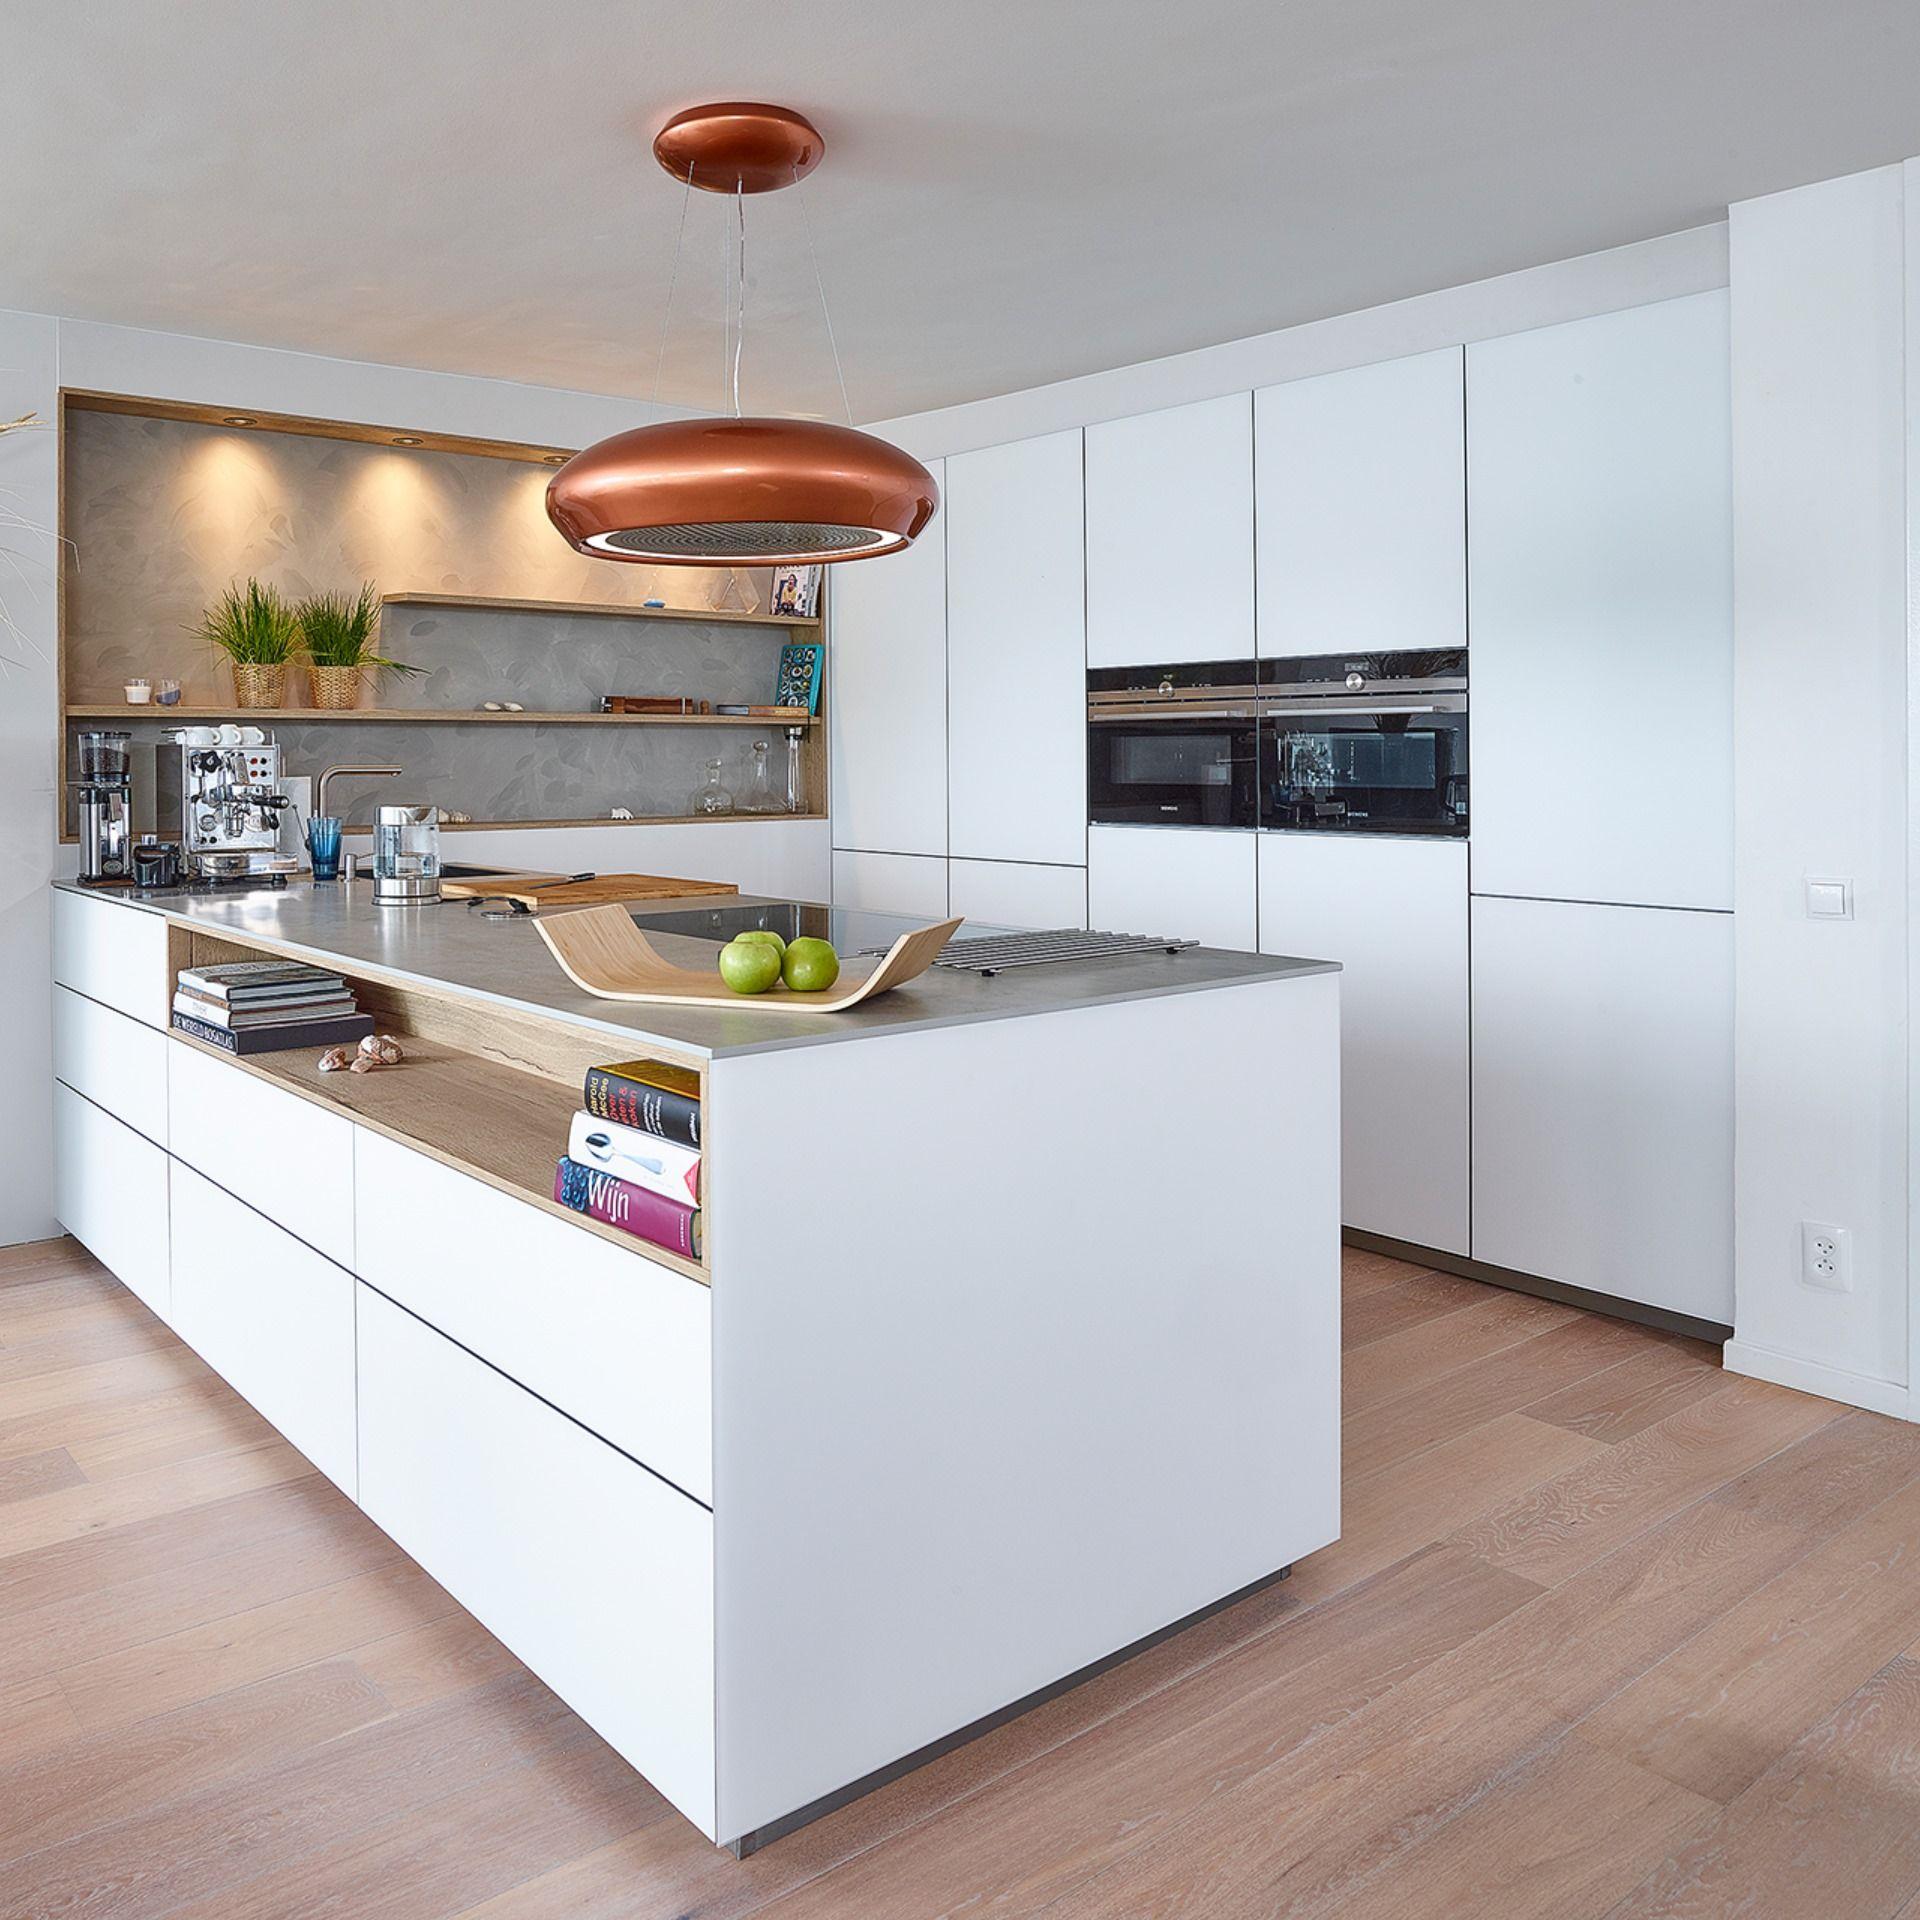 Contur Küche Cremona  Offene küche kochinsel, Moderne küche